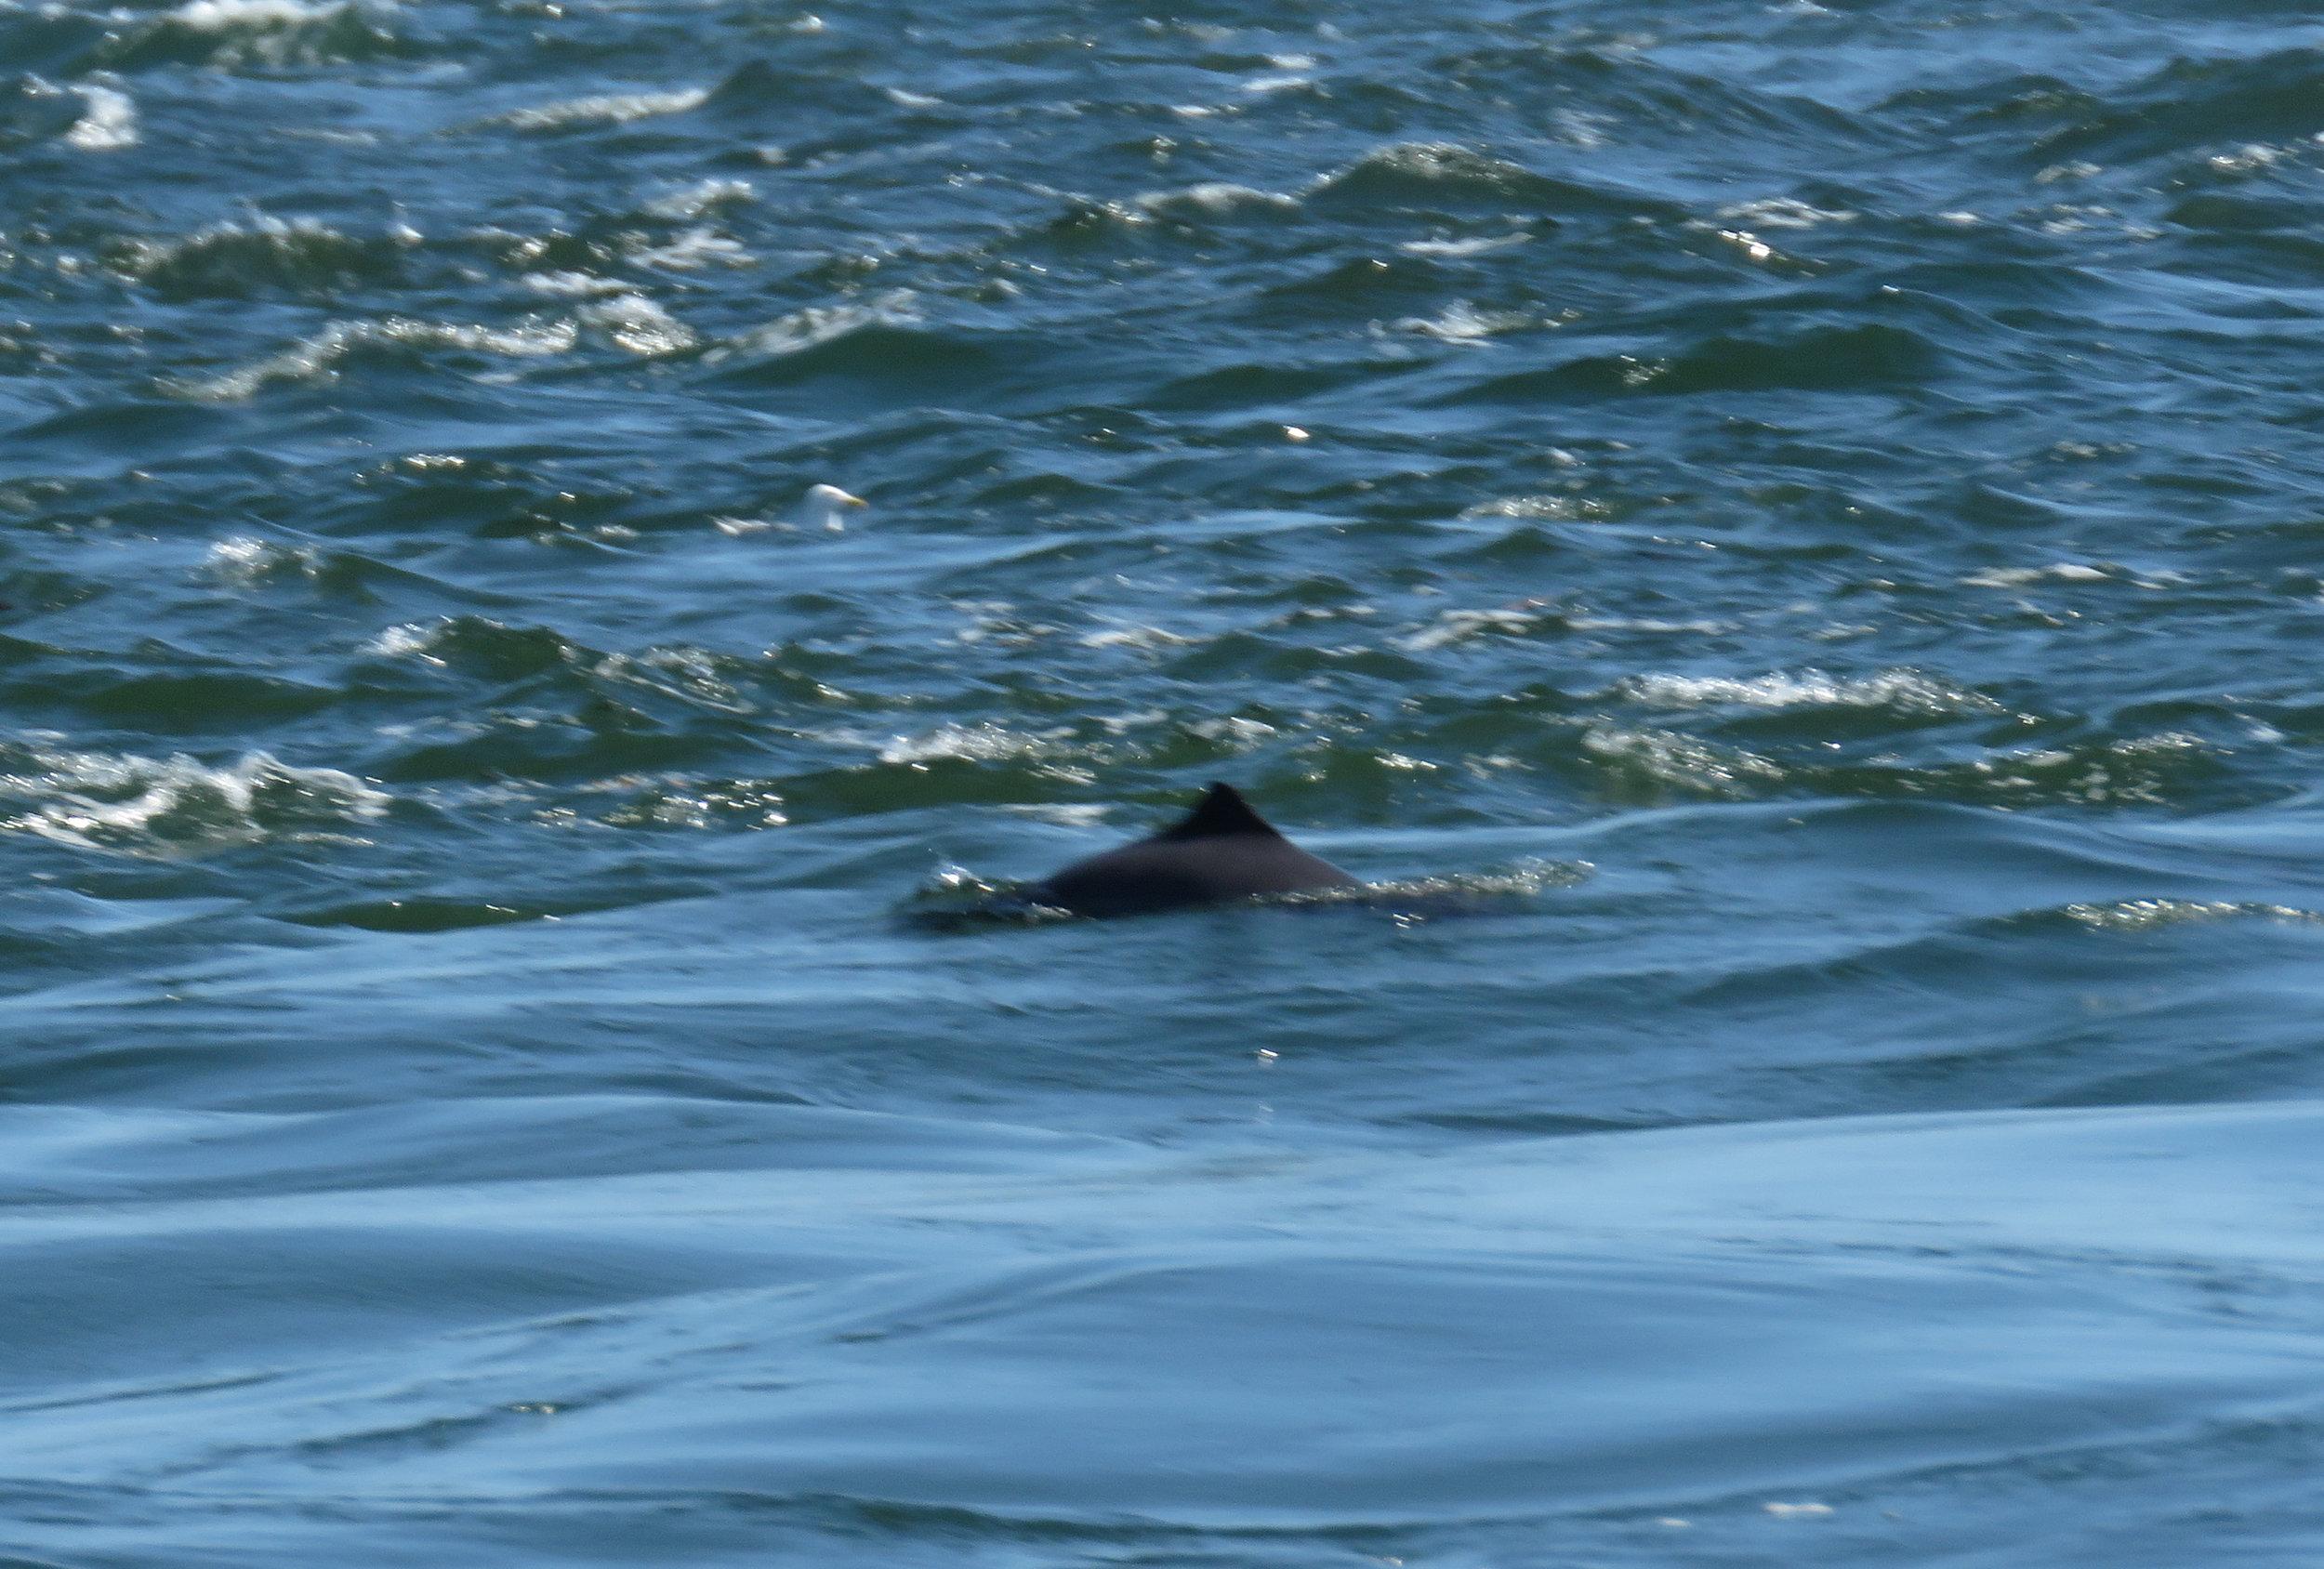 Harbour porpoise swimming near to the Orcas.Photo by Rodrigo Menezes